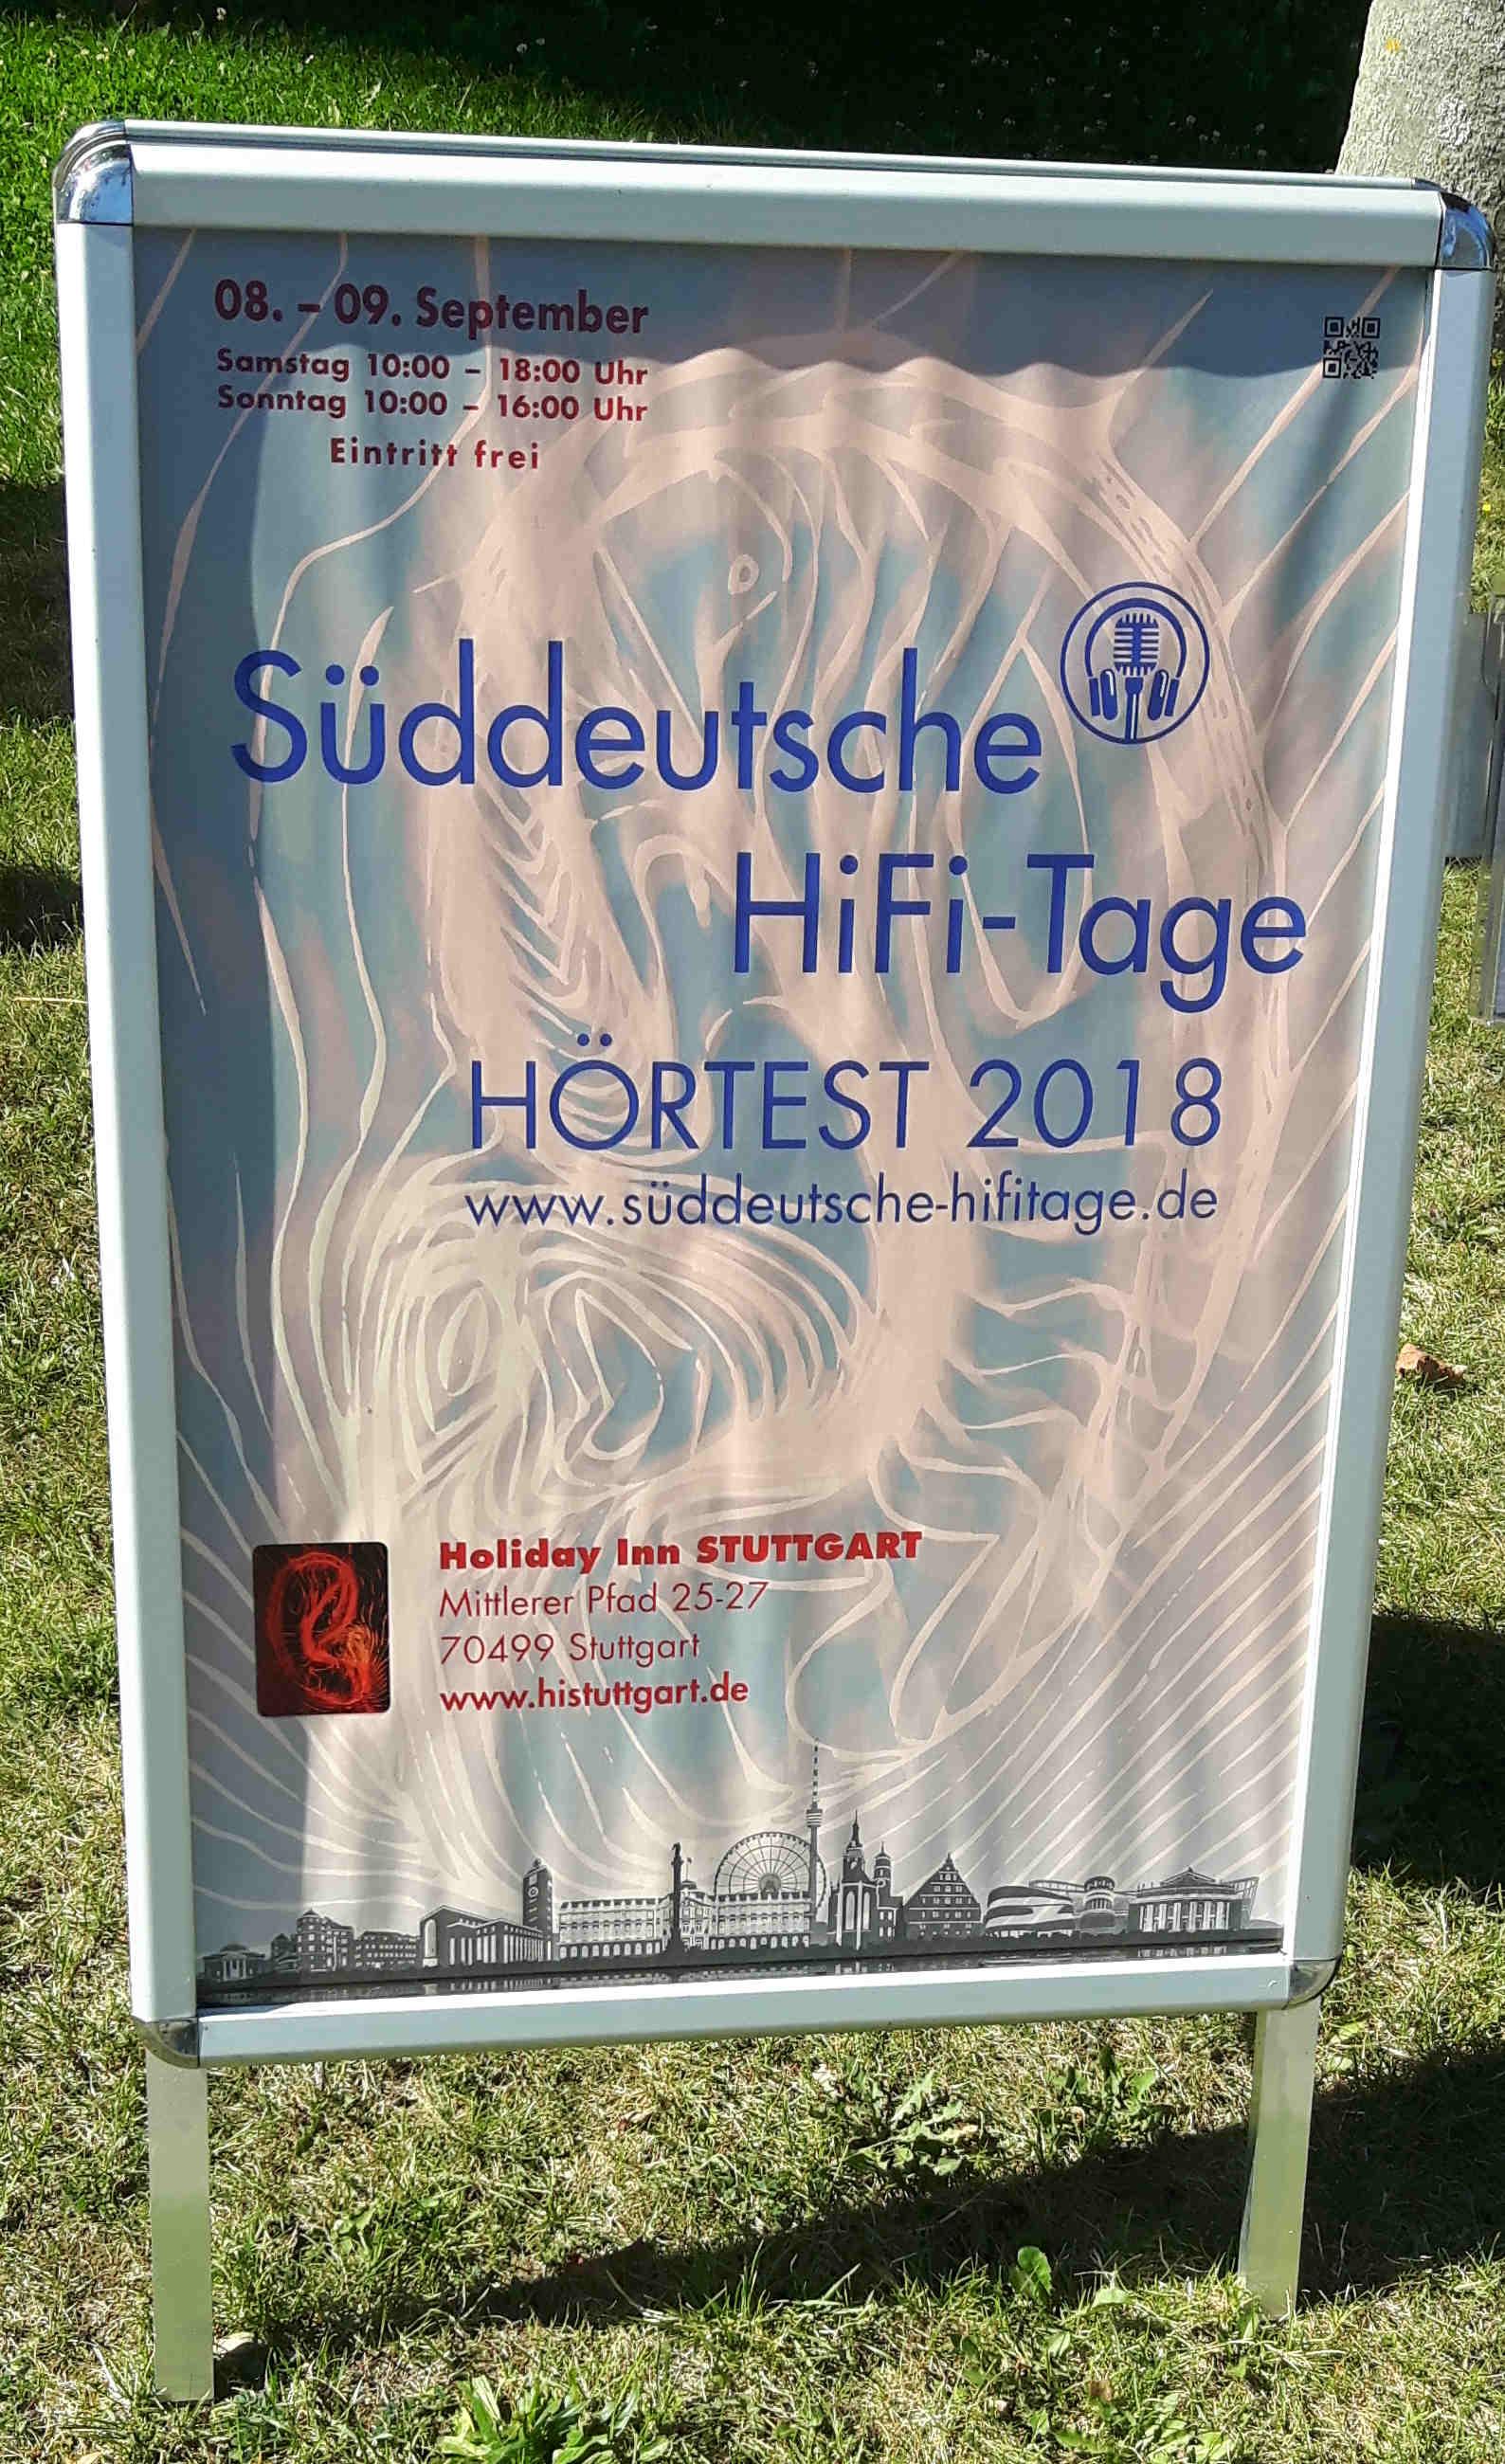 Auri Akustik Süddeutsche HiFi Tage Stuttgart 2018